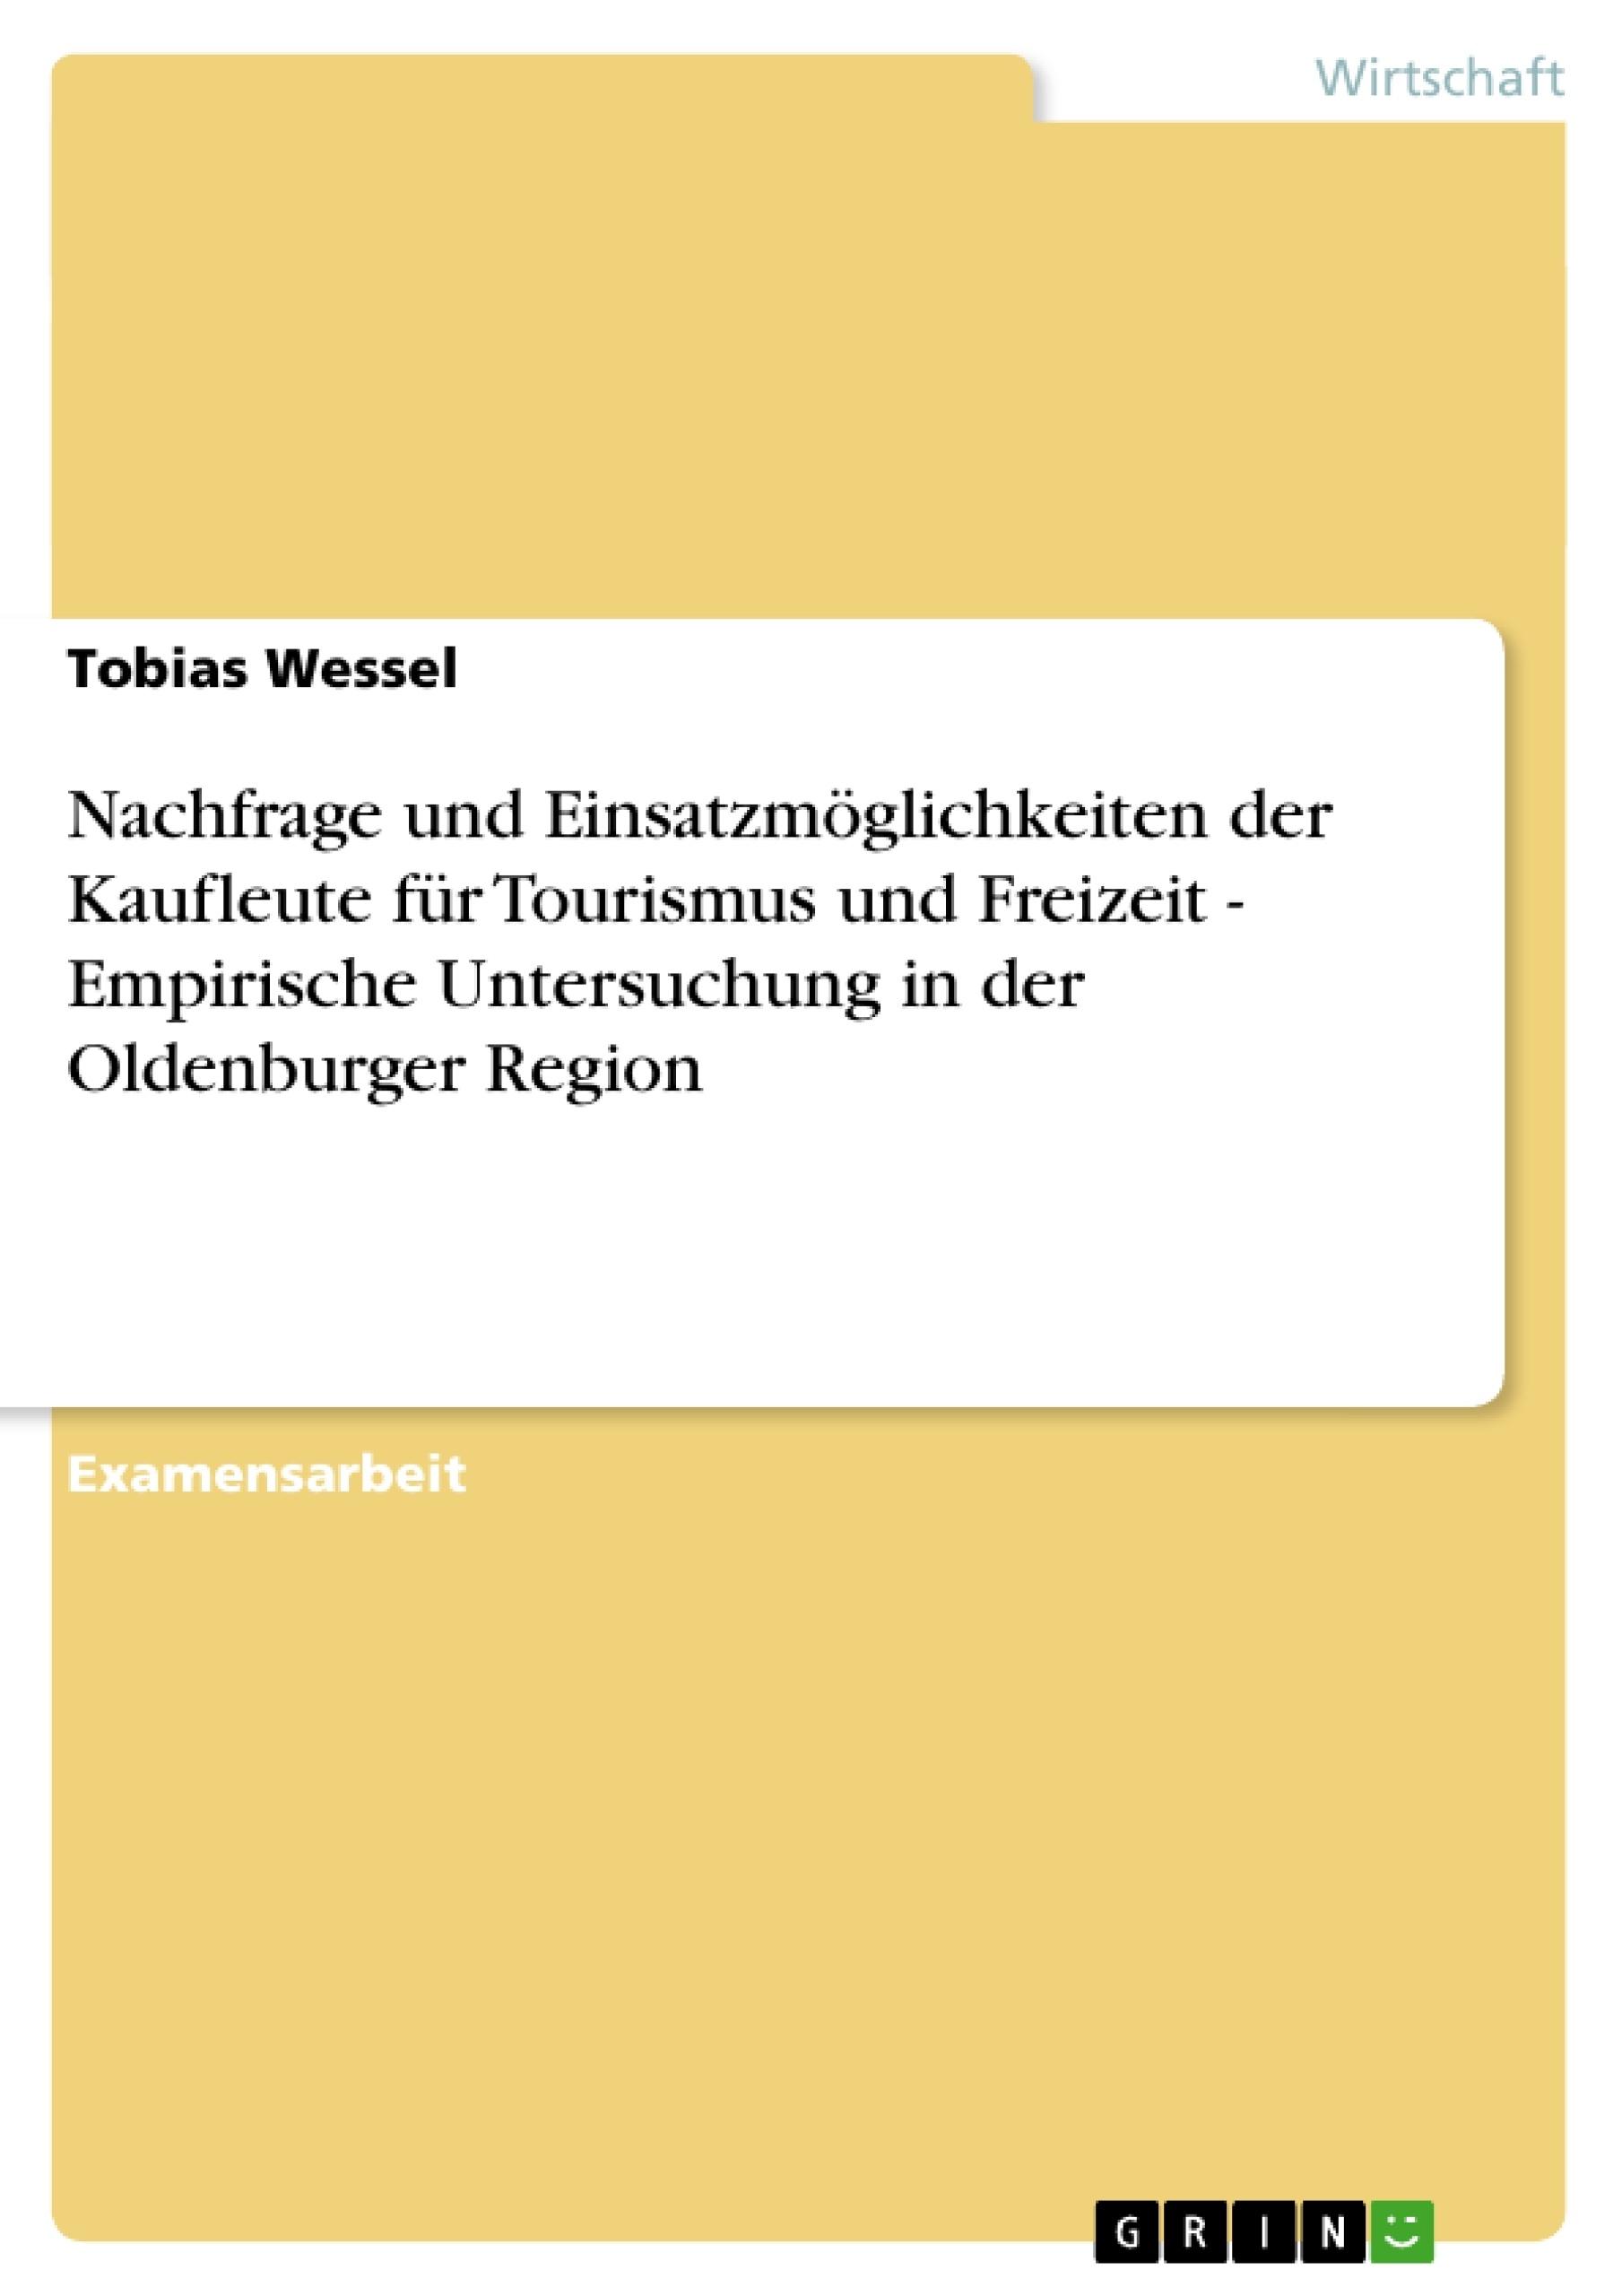 Titel: Nachfrage und Einsatzmöglichkeiten der Kaufleute für Tourismus und Freizeit - Empirische Untersuchung in der Oldenburger Region